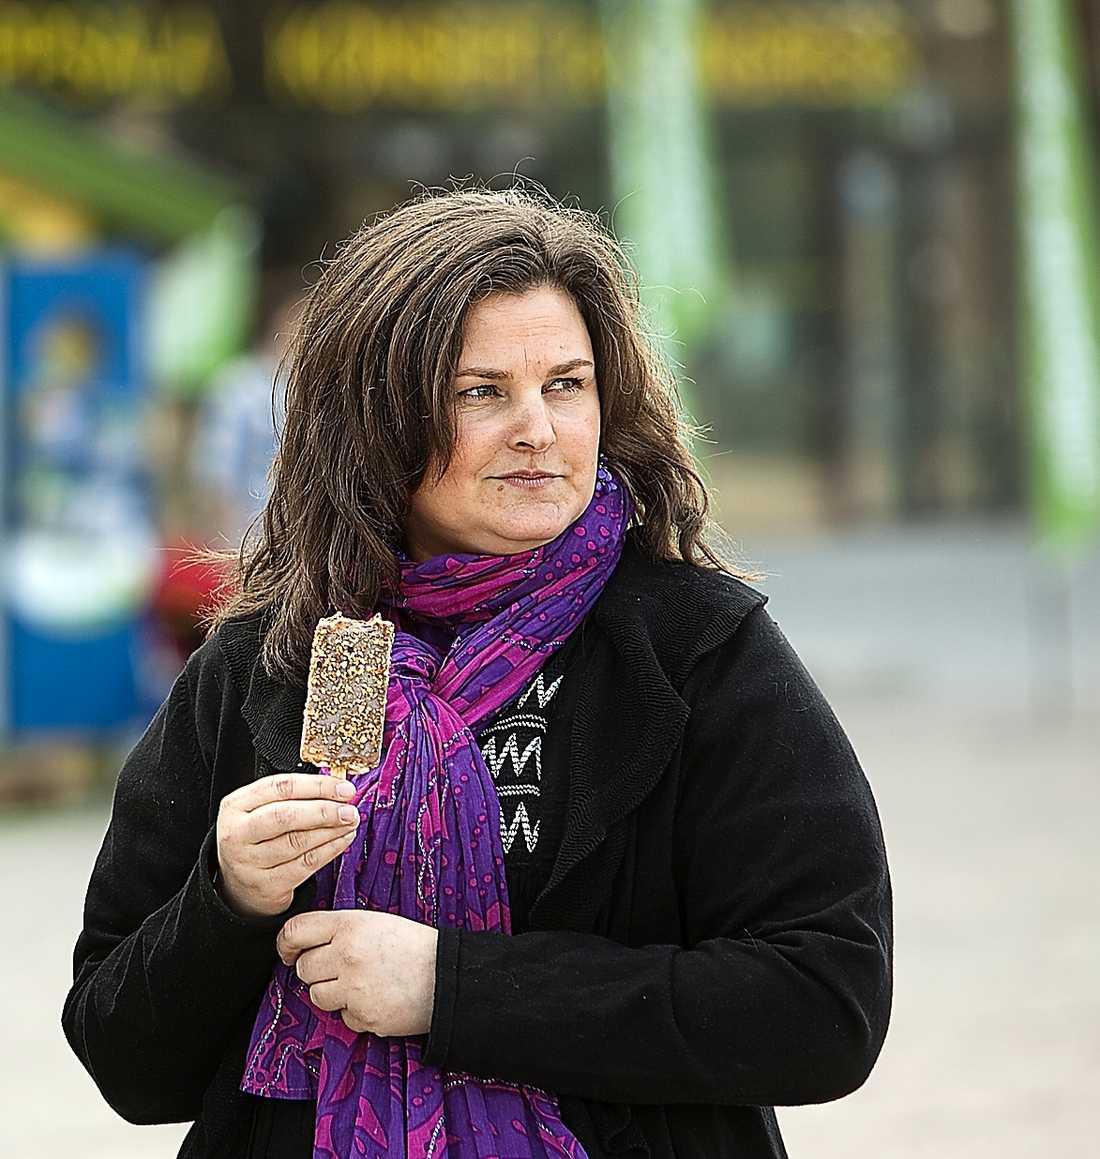 Mikaela Valtersson är det främsta målet för smutskastningen i MP, skriver Lars Ångström.